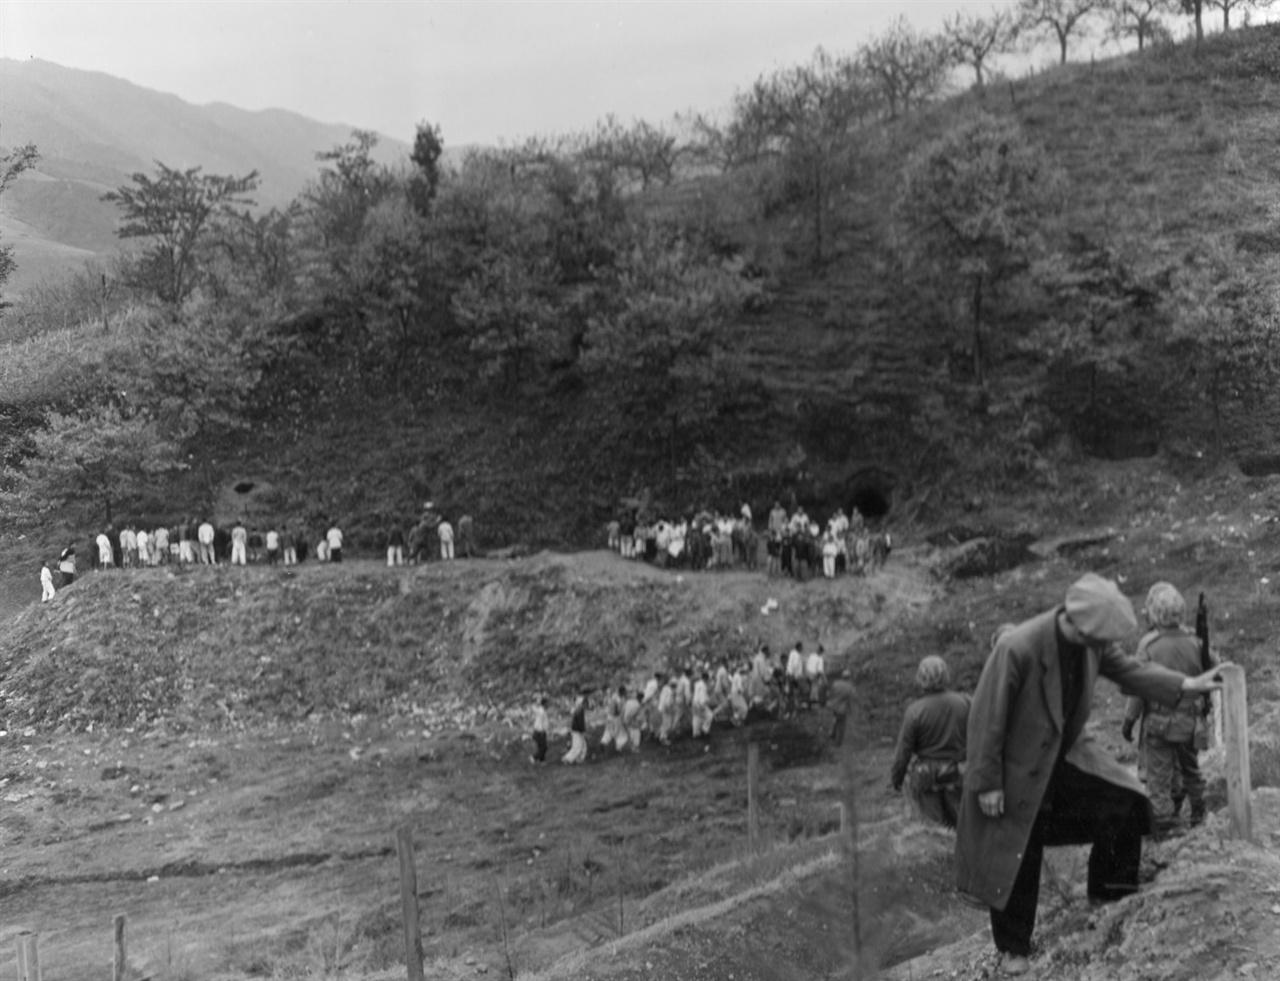 집단 학살 현장으로 암매장된 어느 산골골짜기(1950. 11. 14.).